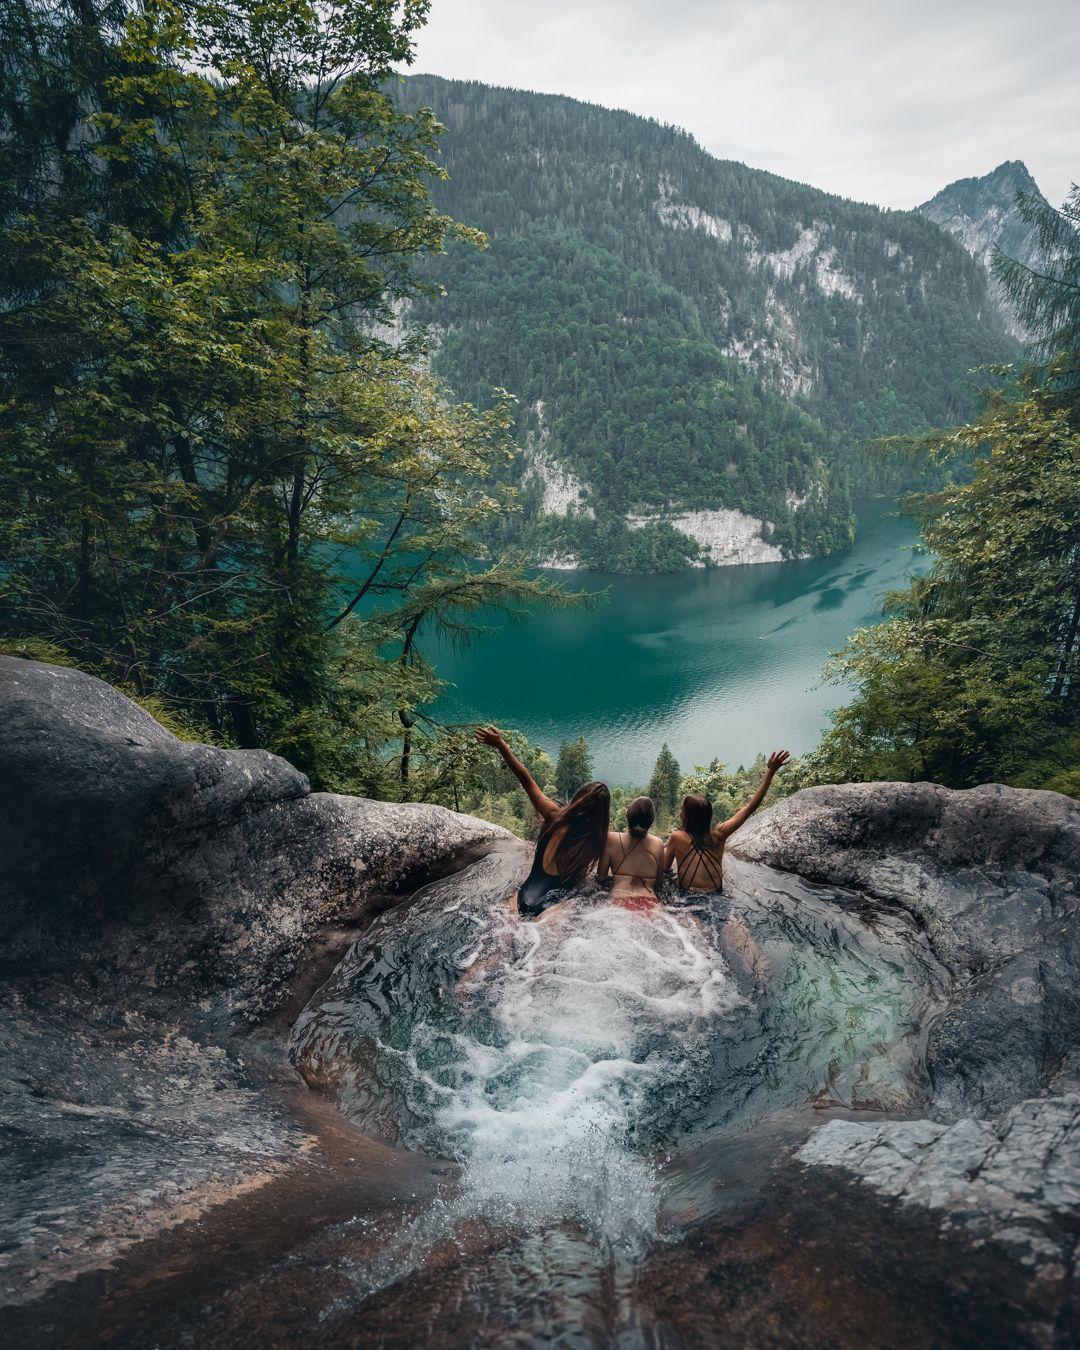 Konigssee Bavaria Travel Explore Beautifulplaces Roadtrip Travel Places To Travel Places To Visit